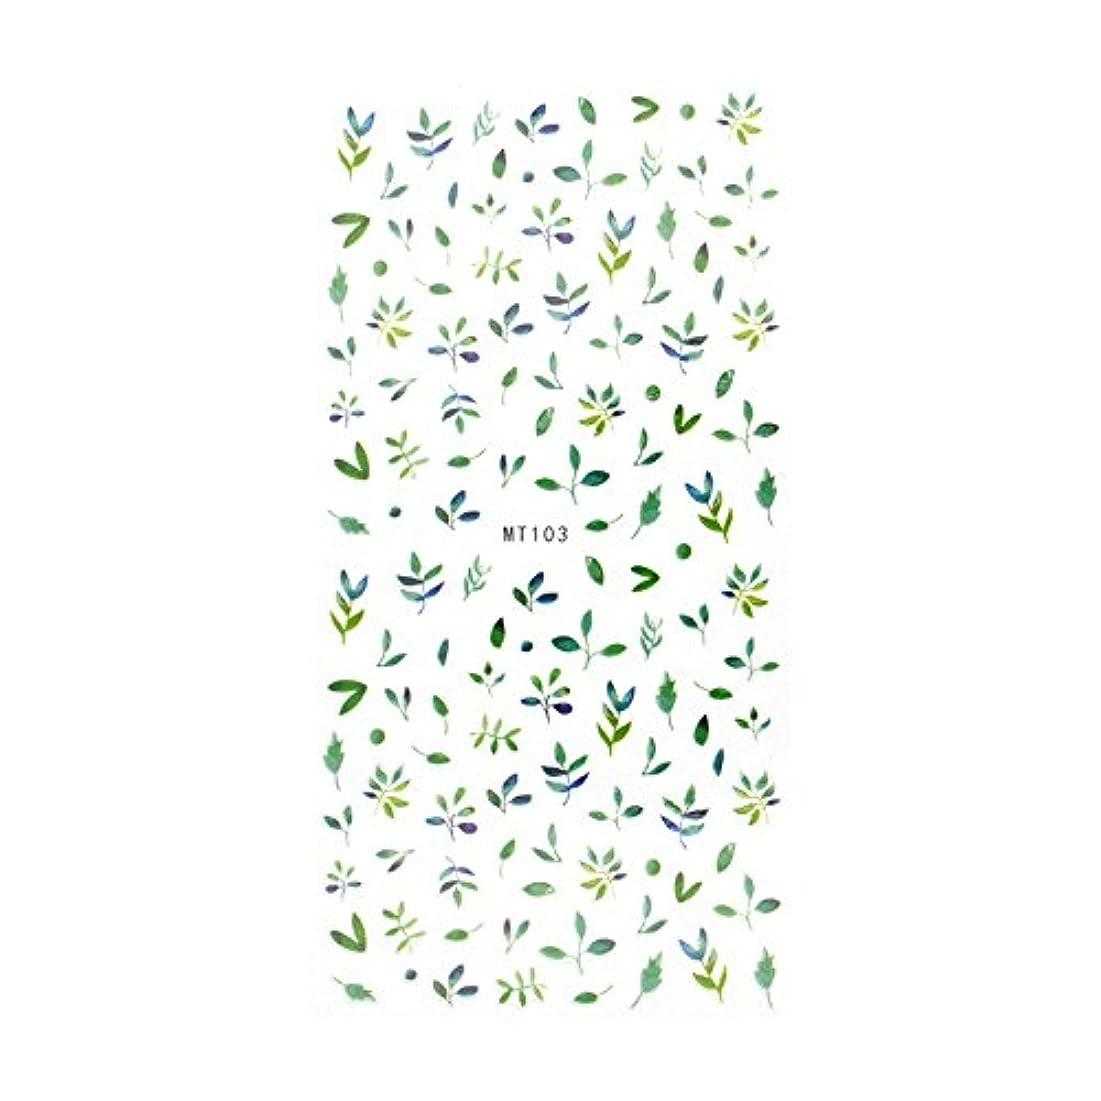 殺人排除する脱獄【MT103】グリーンリーフネイルシール リーフ 葉 ジェルネイル シール 緑 植物 ボタニカル